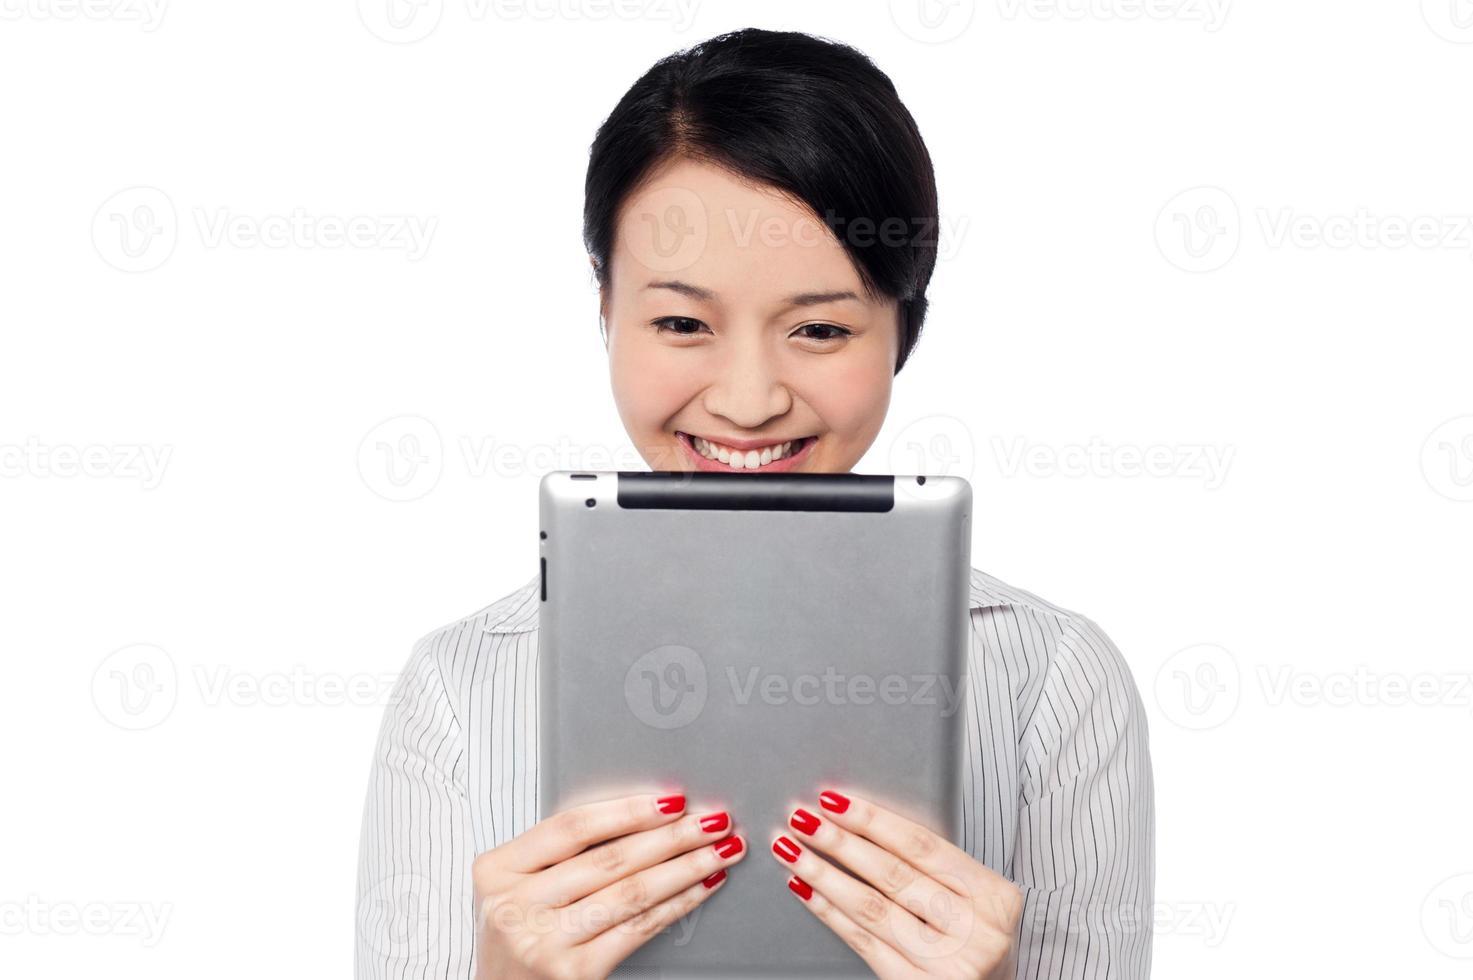 verlegen mooie zakelijke dame met tablet-apparaat foto